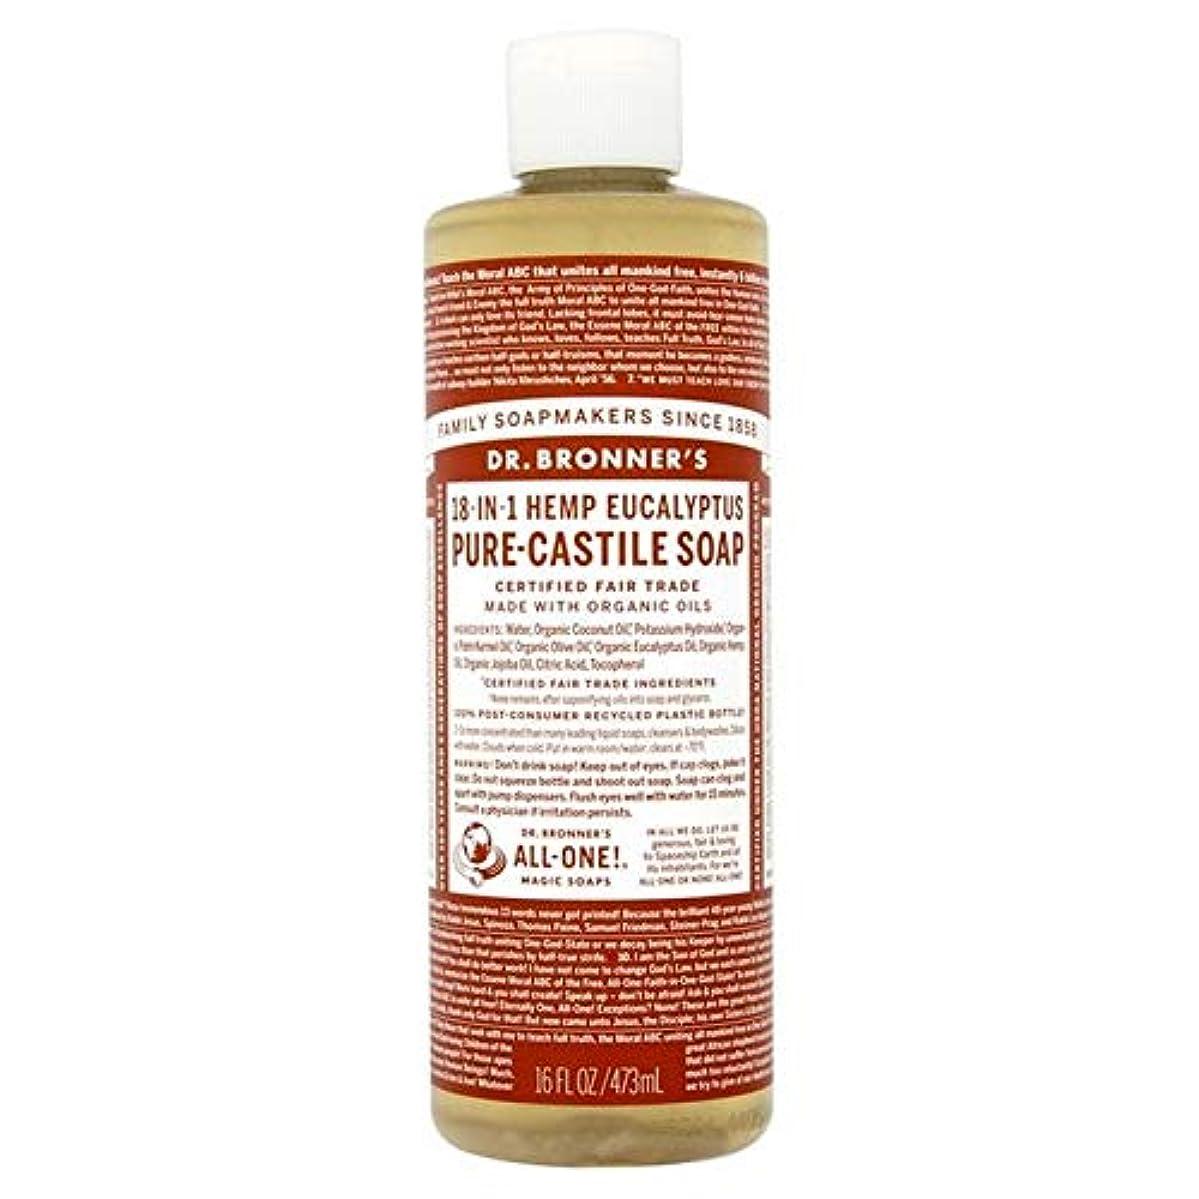 マットレス分離する所属[Dr Bronner] Dr。ブロナーズ有機ユーカリの純粋な-カスティーリャ液体石鹸473ミリリットル - Dr. Bronner's Organic Eucalyptus Pure-Castille Liquid Soap...